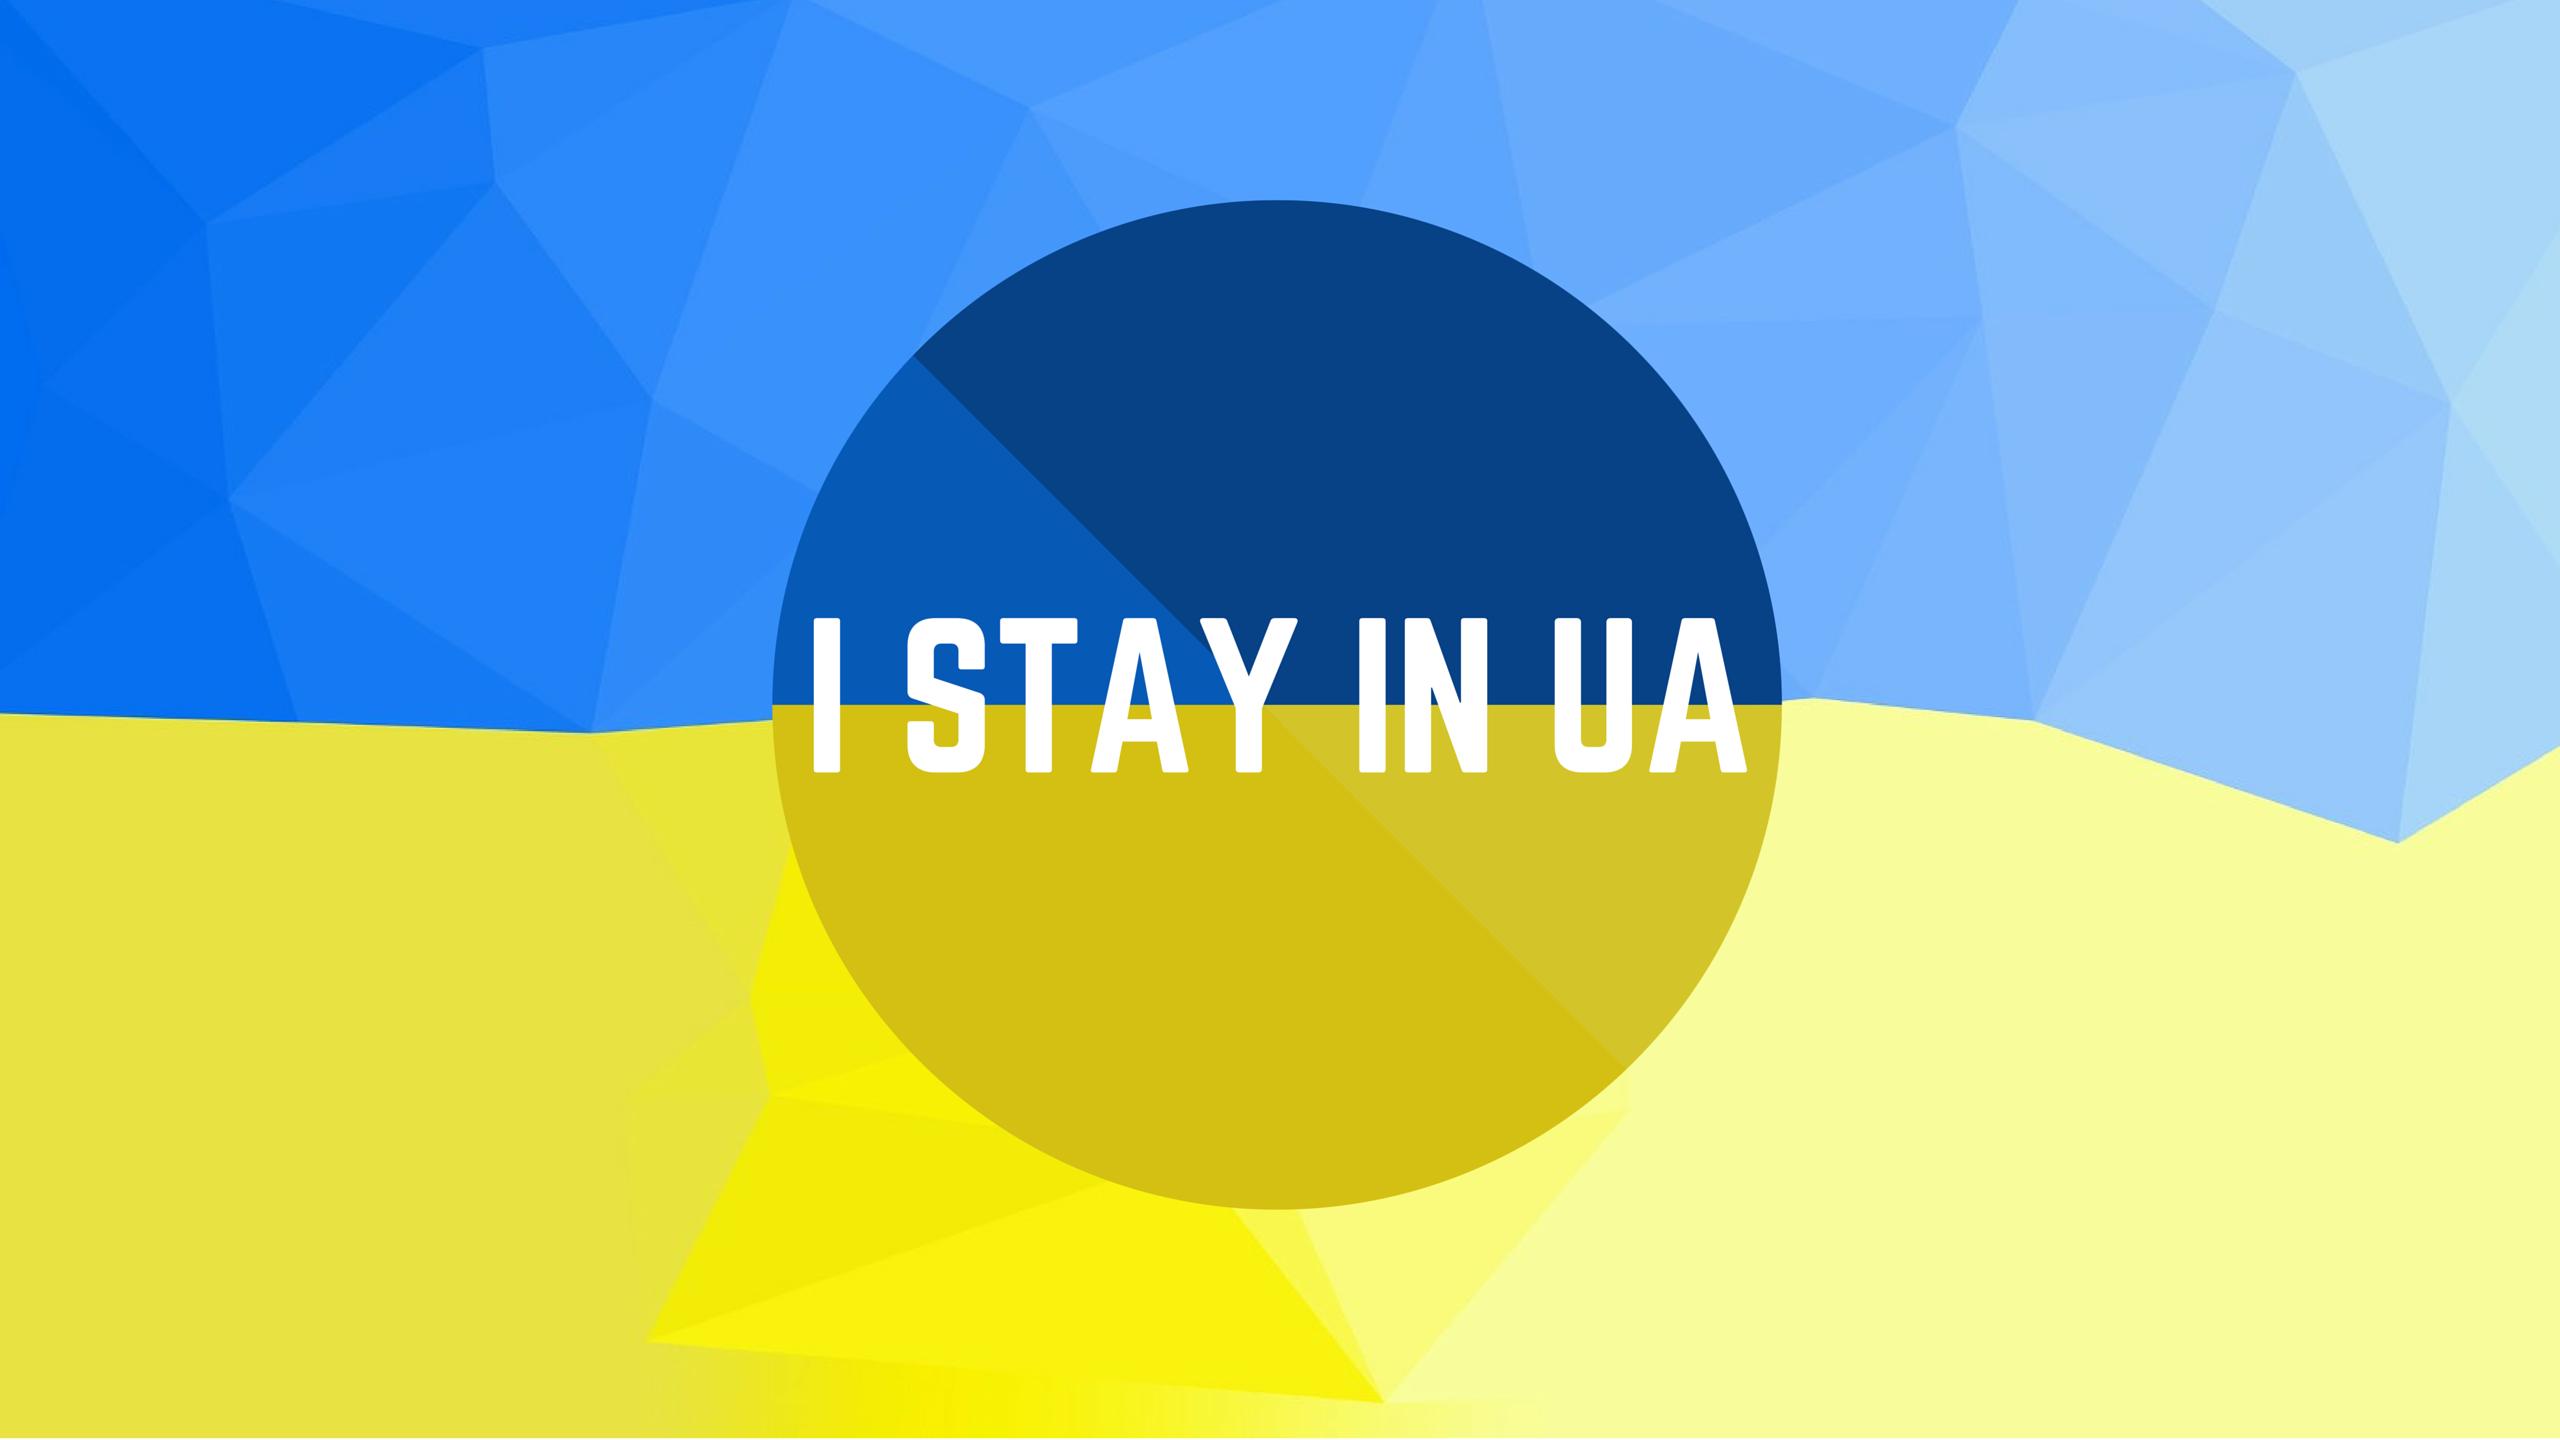 i stay in ua